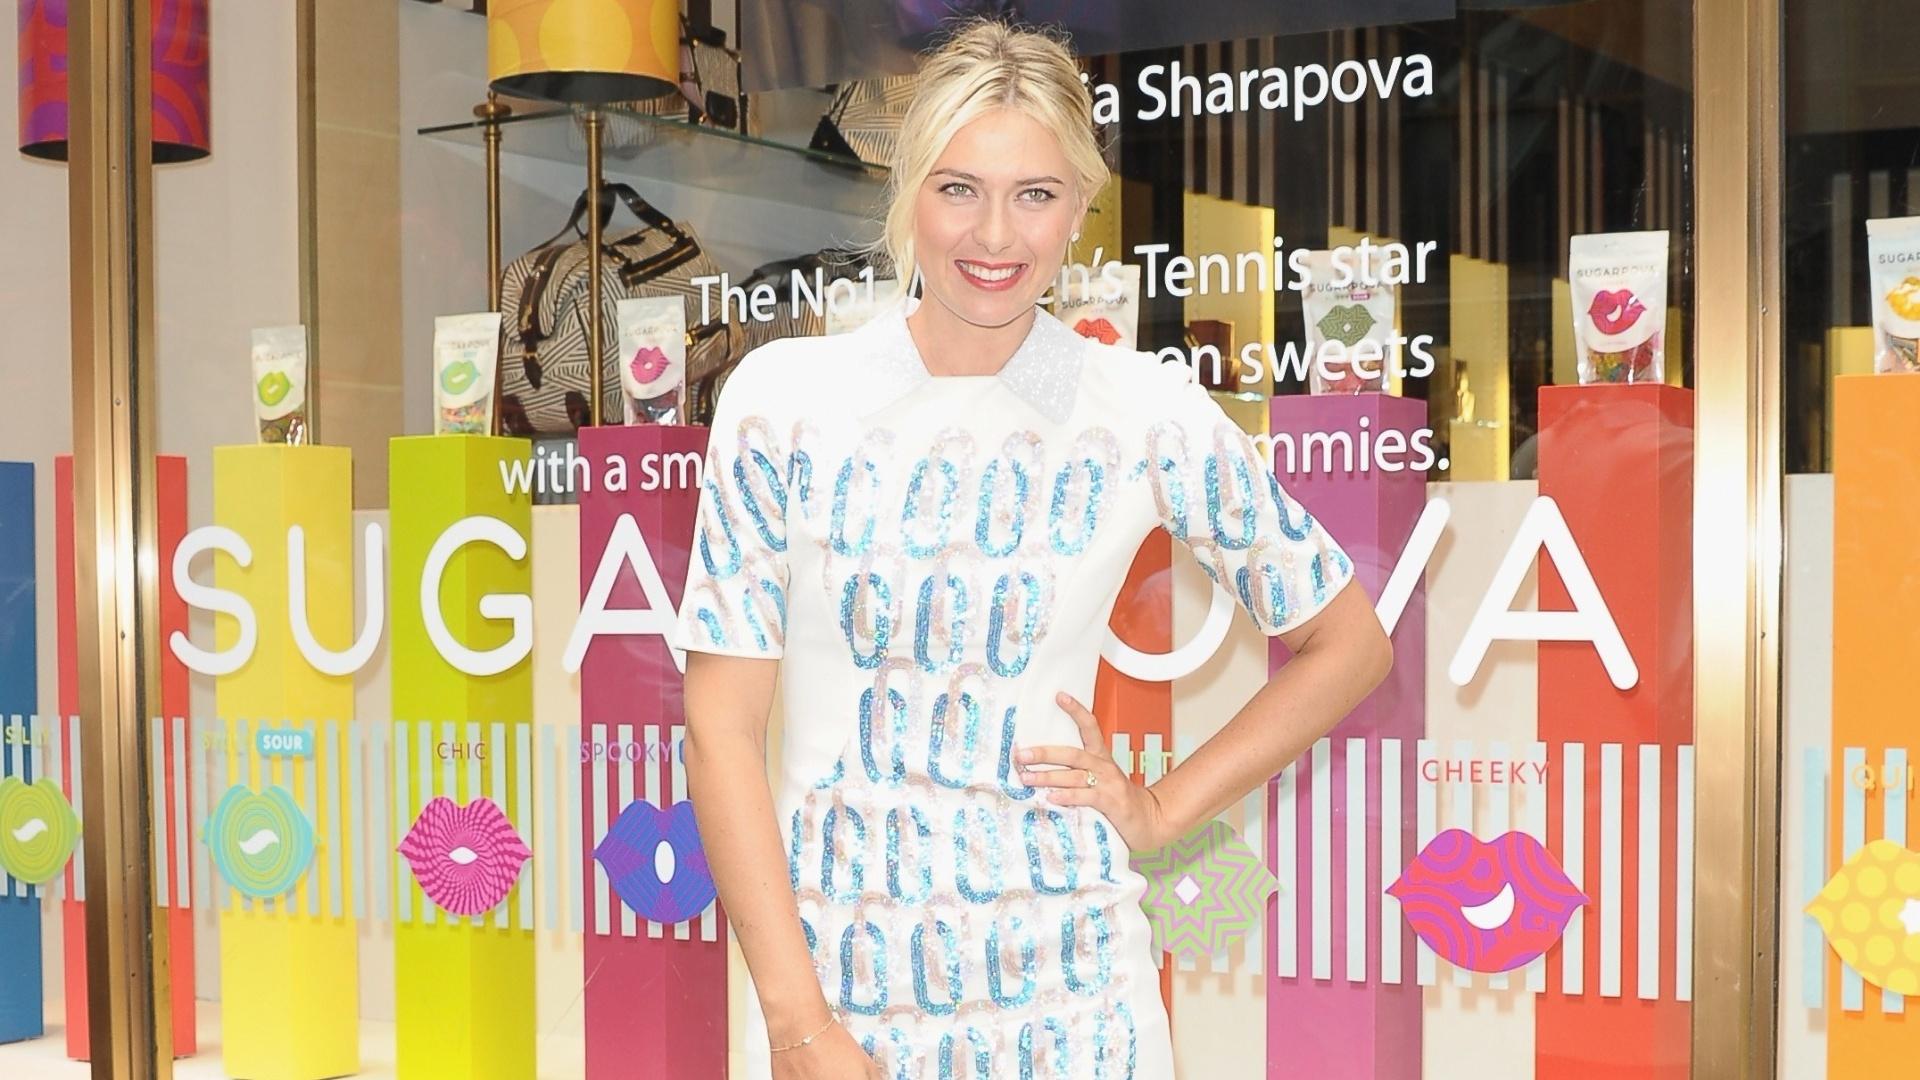 Maria Sharapova posa para foto no lançamento de sua própria linha de doces, Sugarpova